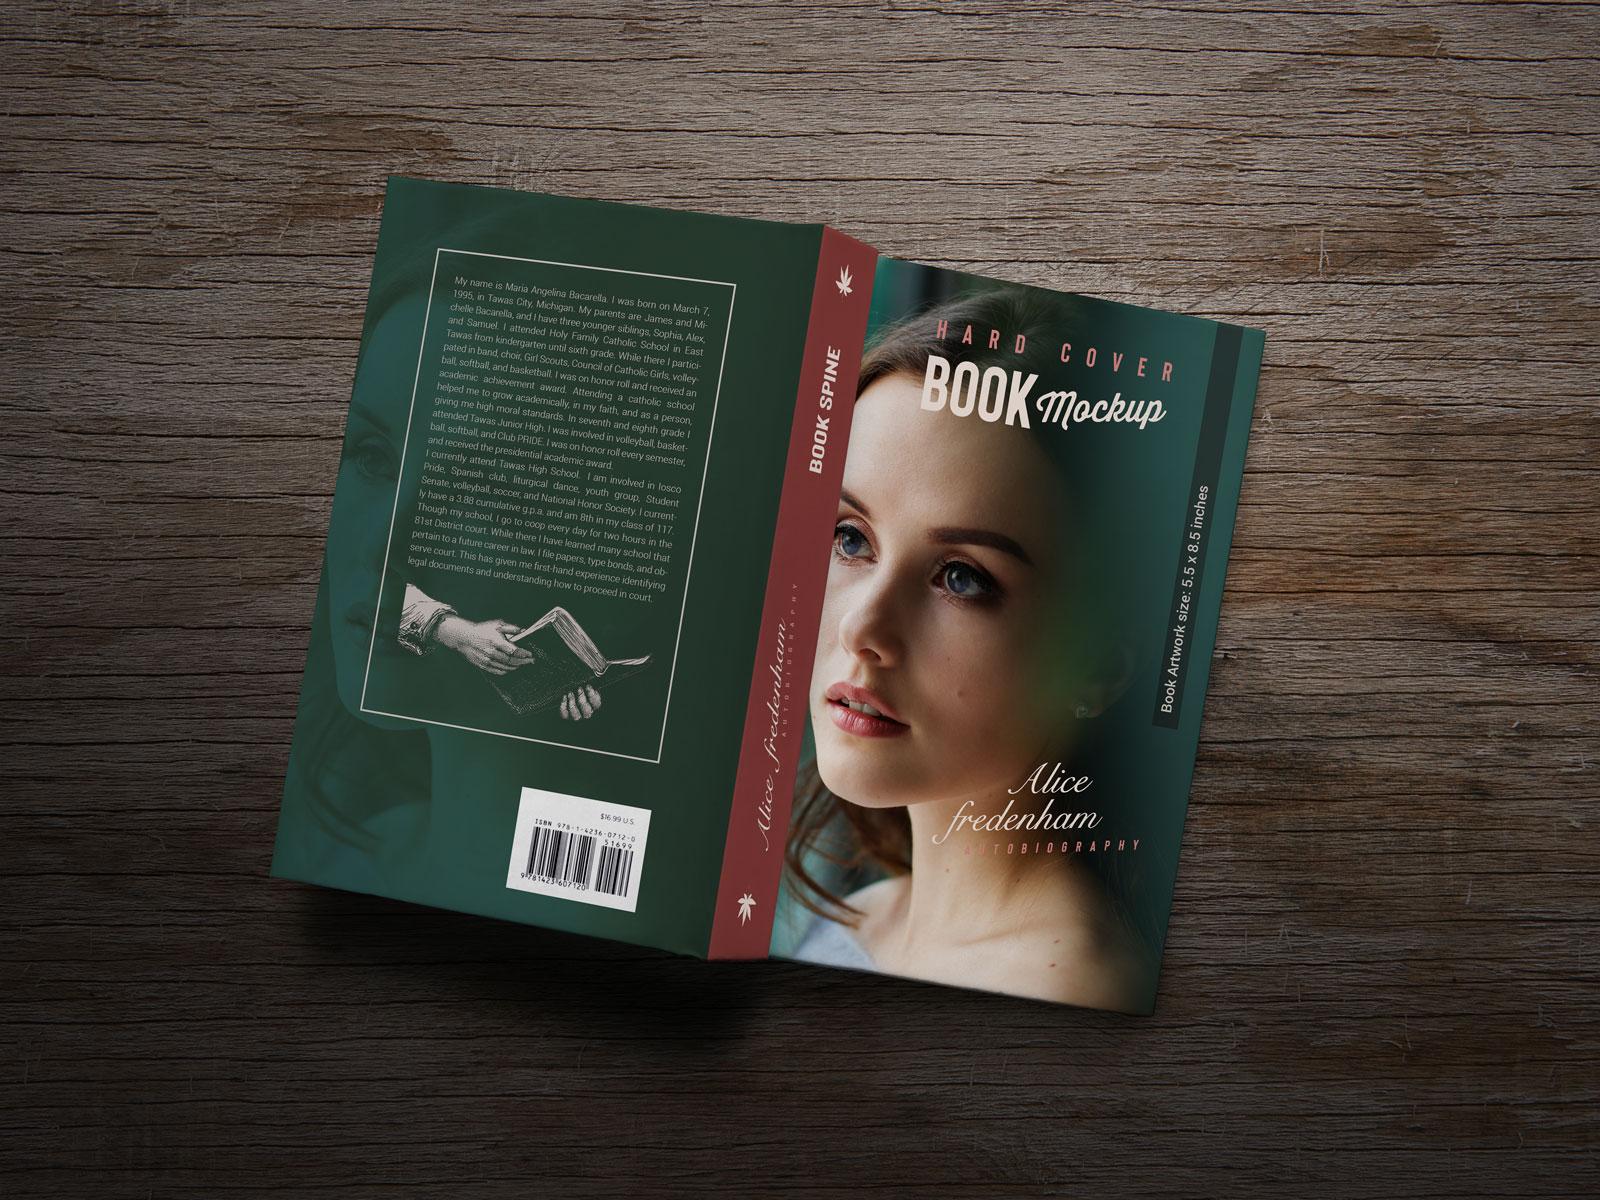 Free Fat Book Title - Spine & Backside Mockup